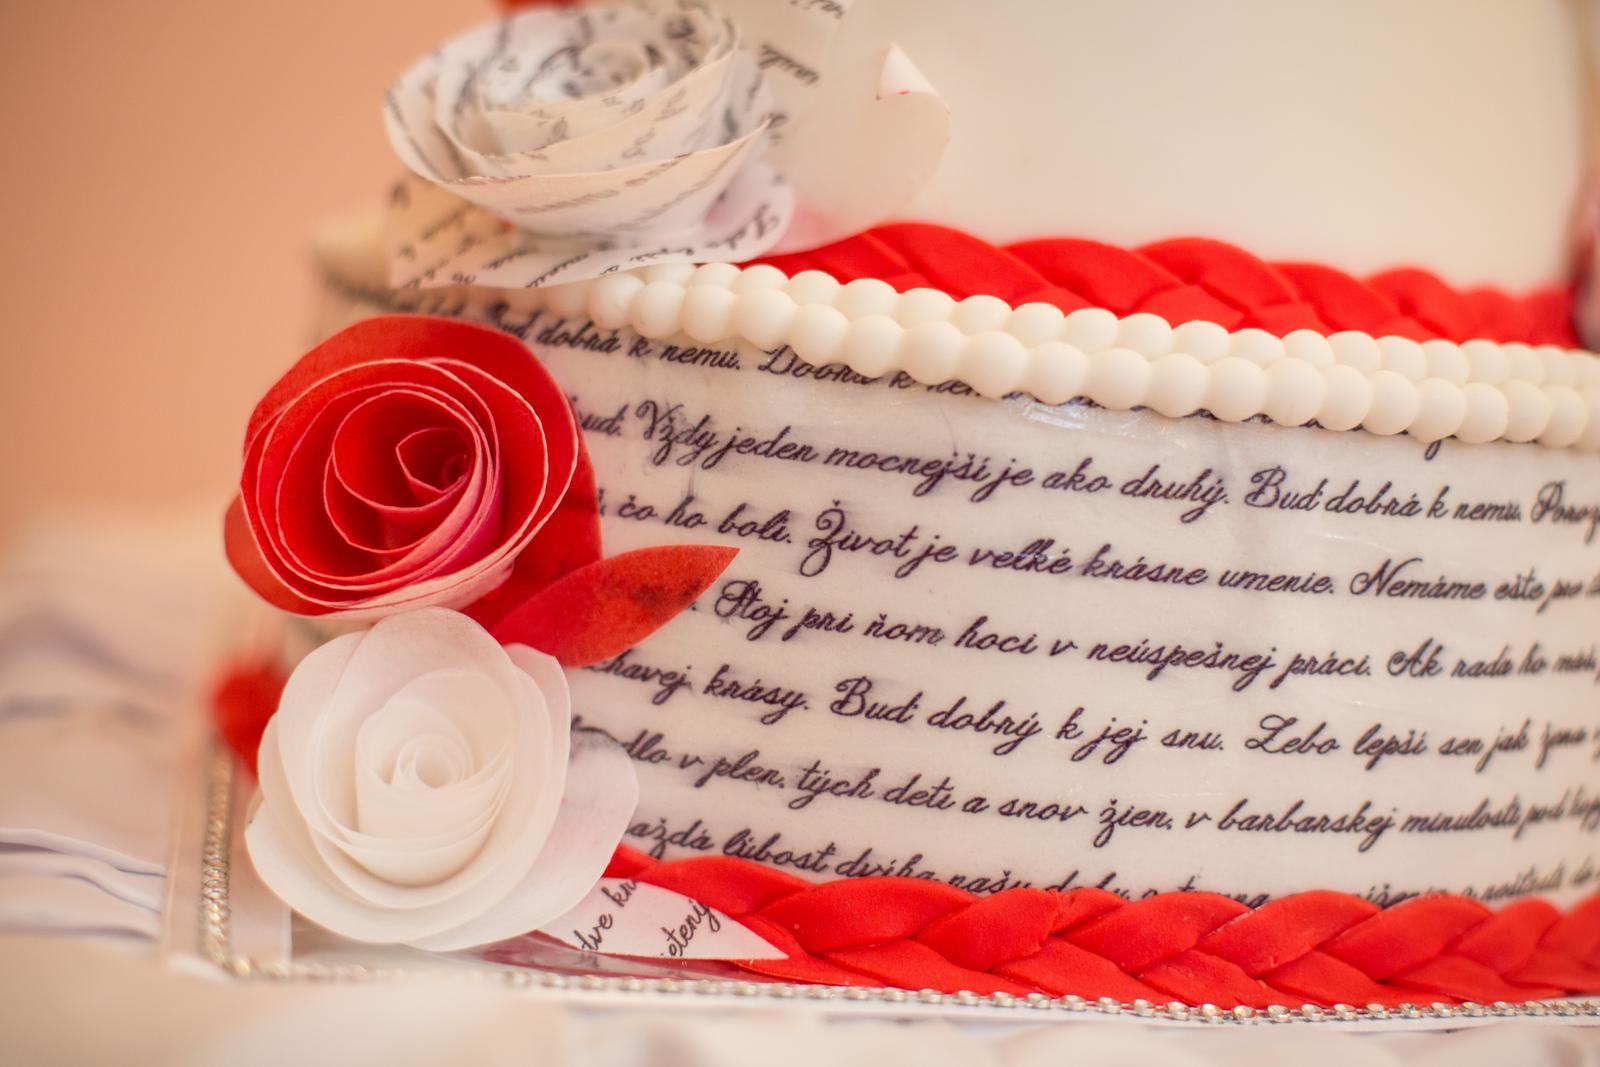 Janka{{_AND_}}Roman - knižná svadba - naša tematická knižná svadobná torta - obsahuje text básne Dvom od Jána Kostry